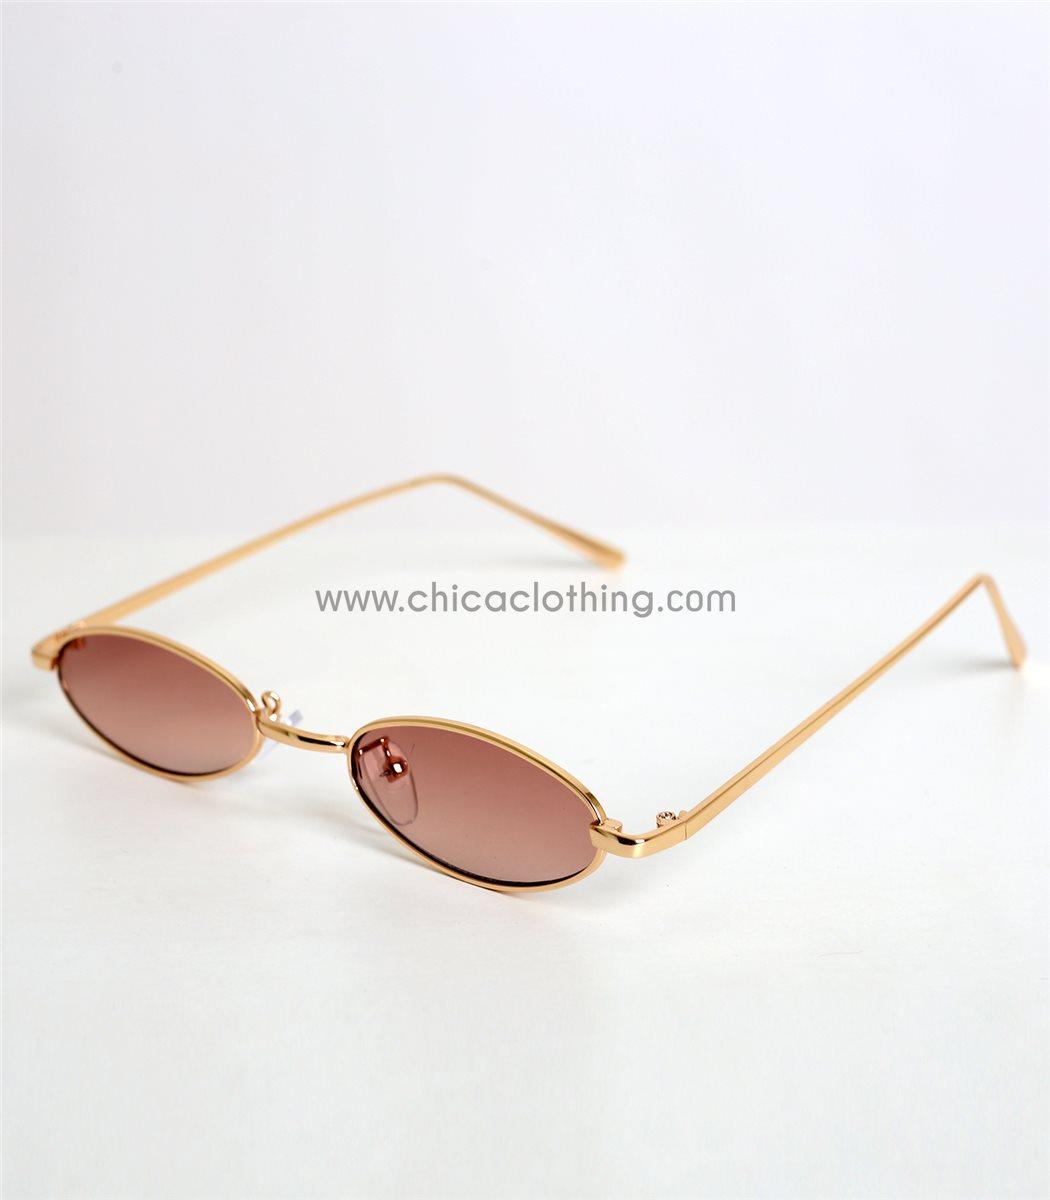 7f3de776df3 Γατίσια γυαλιά ηλίου με καφέ φακό και χρυσό σκελετό